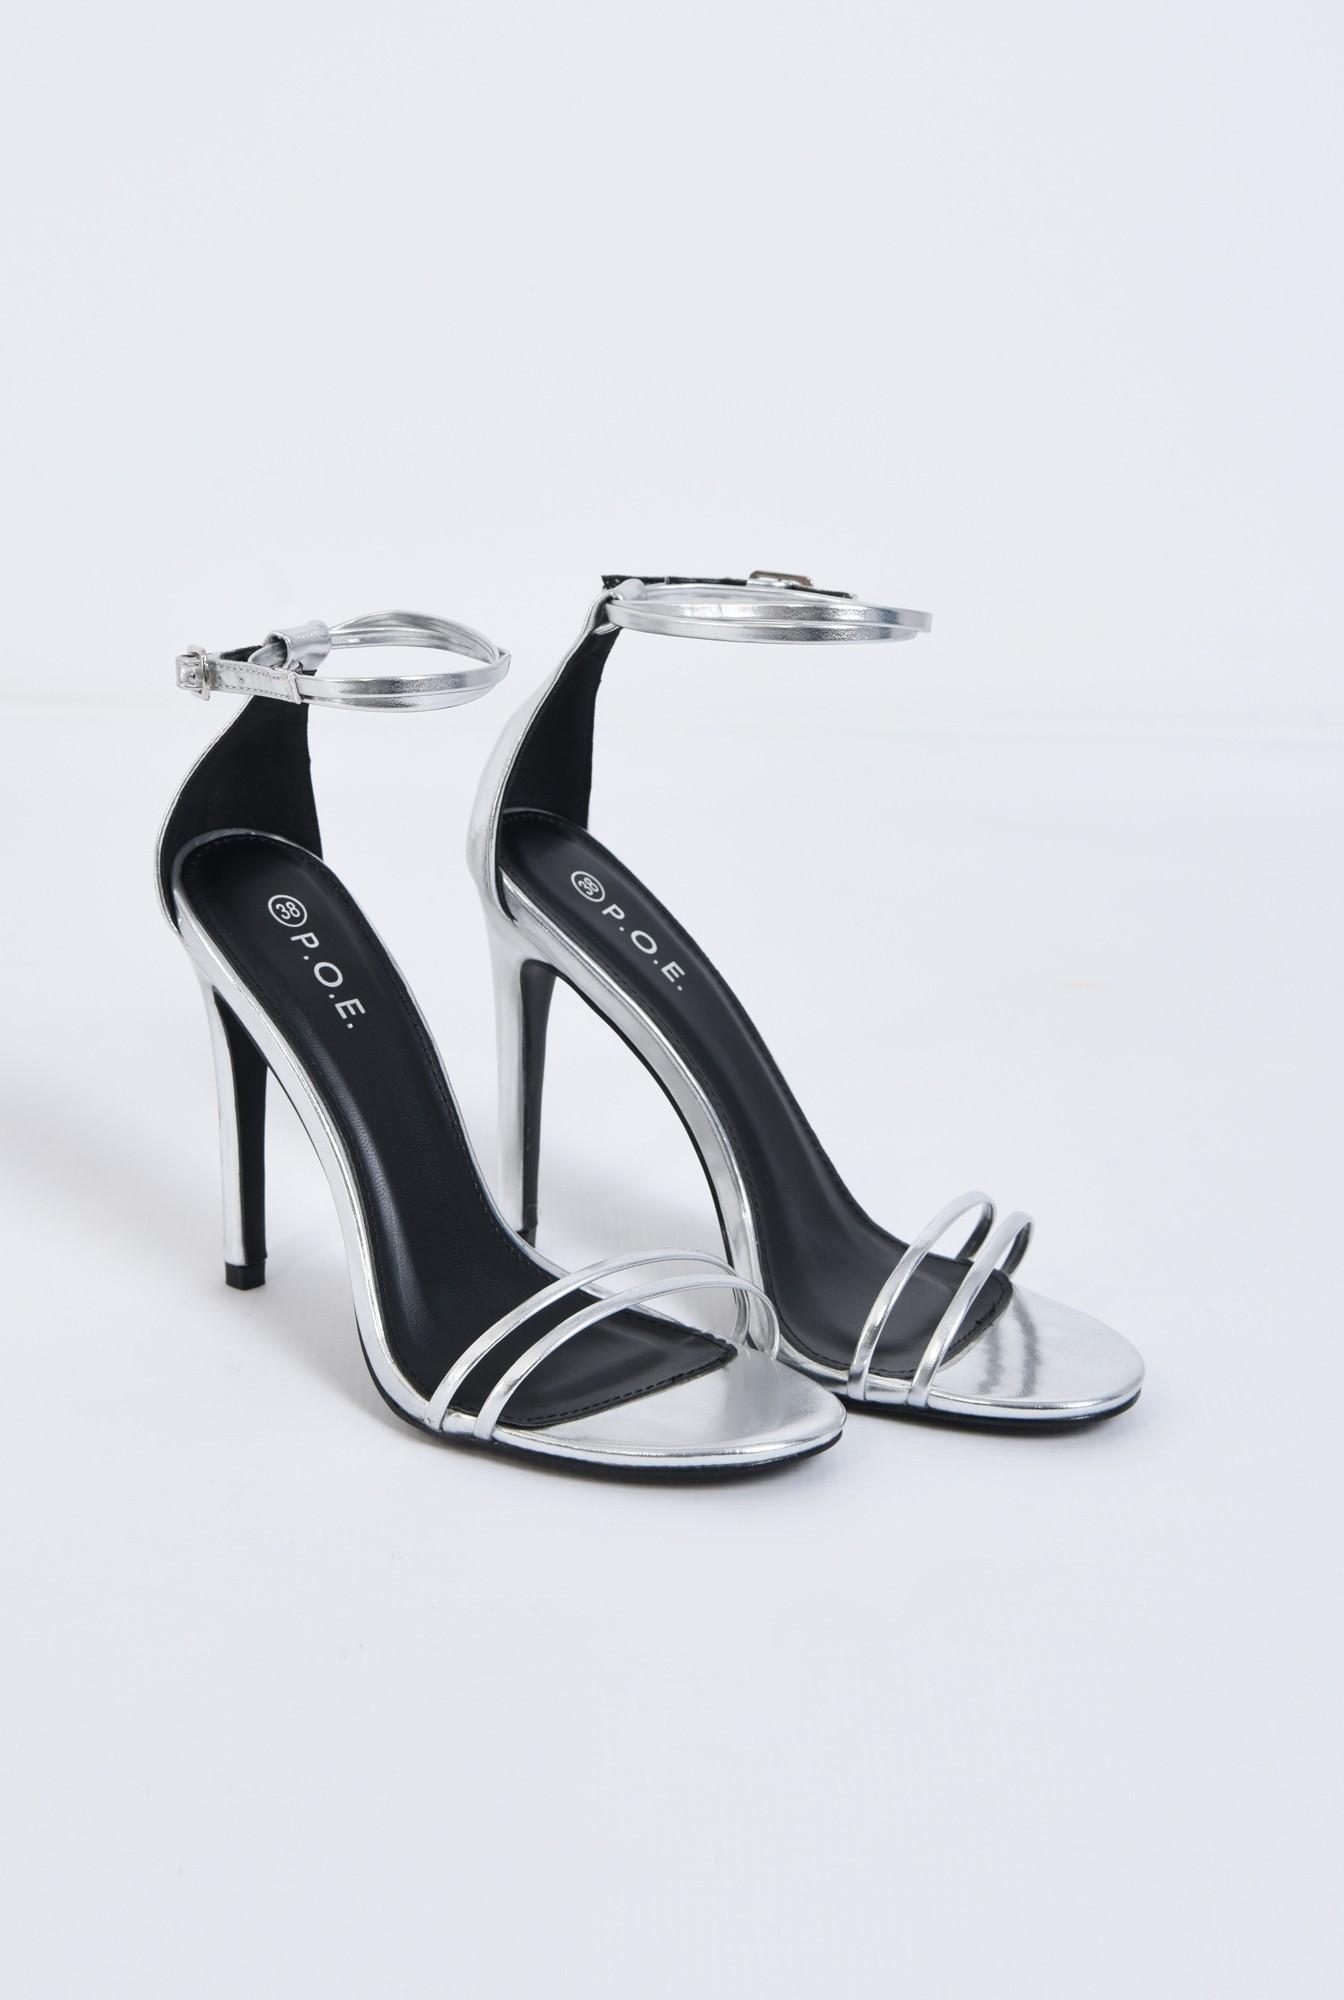 2 - Sandale elegante, argintiu